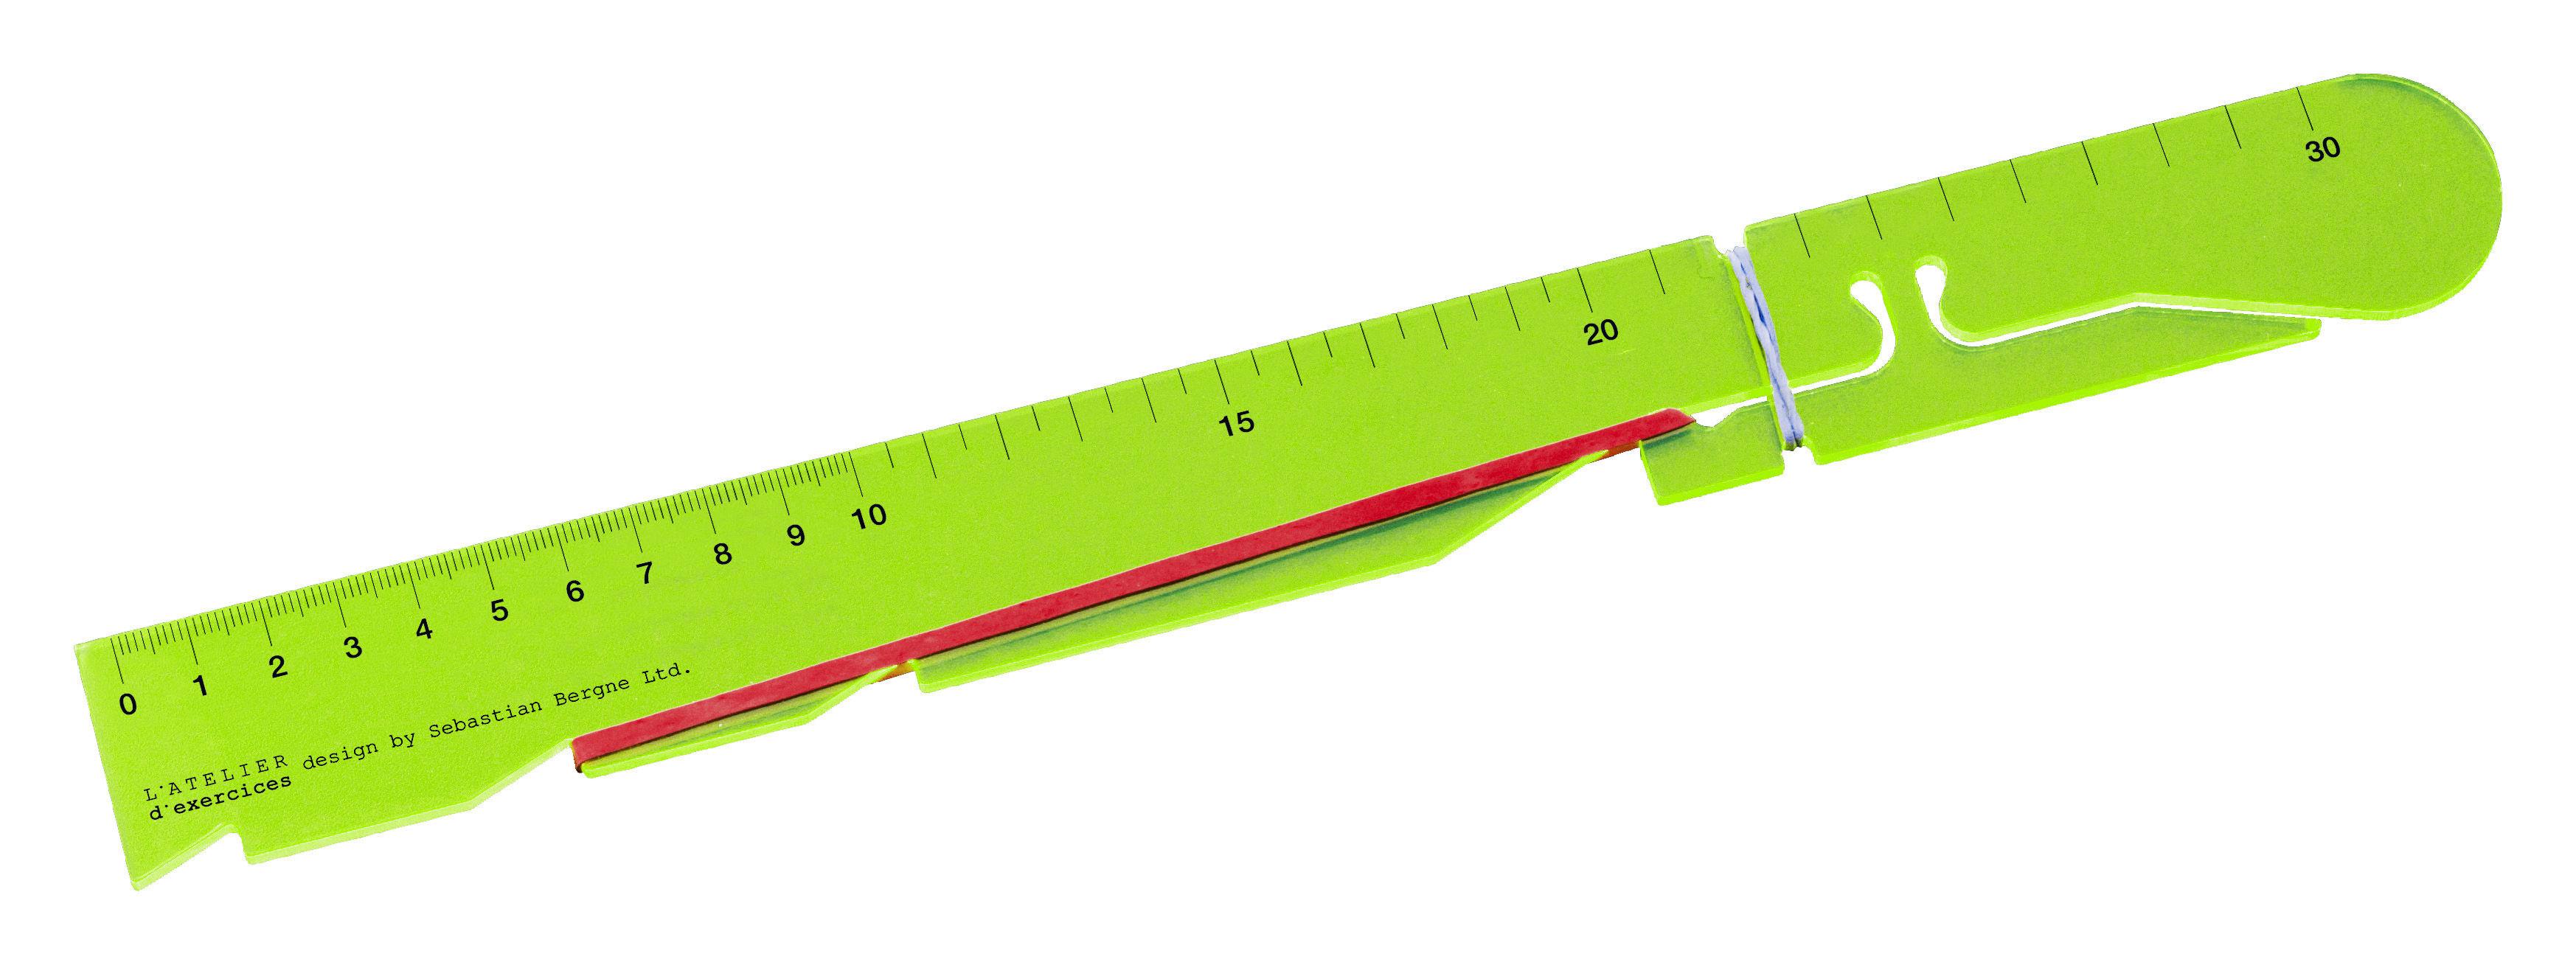 Interni - Per bambini - Righello Bandit - / lancia elastici di L'atelier d'exercices - Giallo trasparente - PMMA